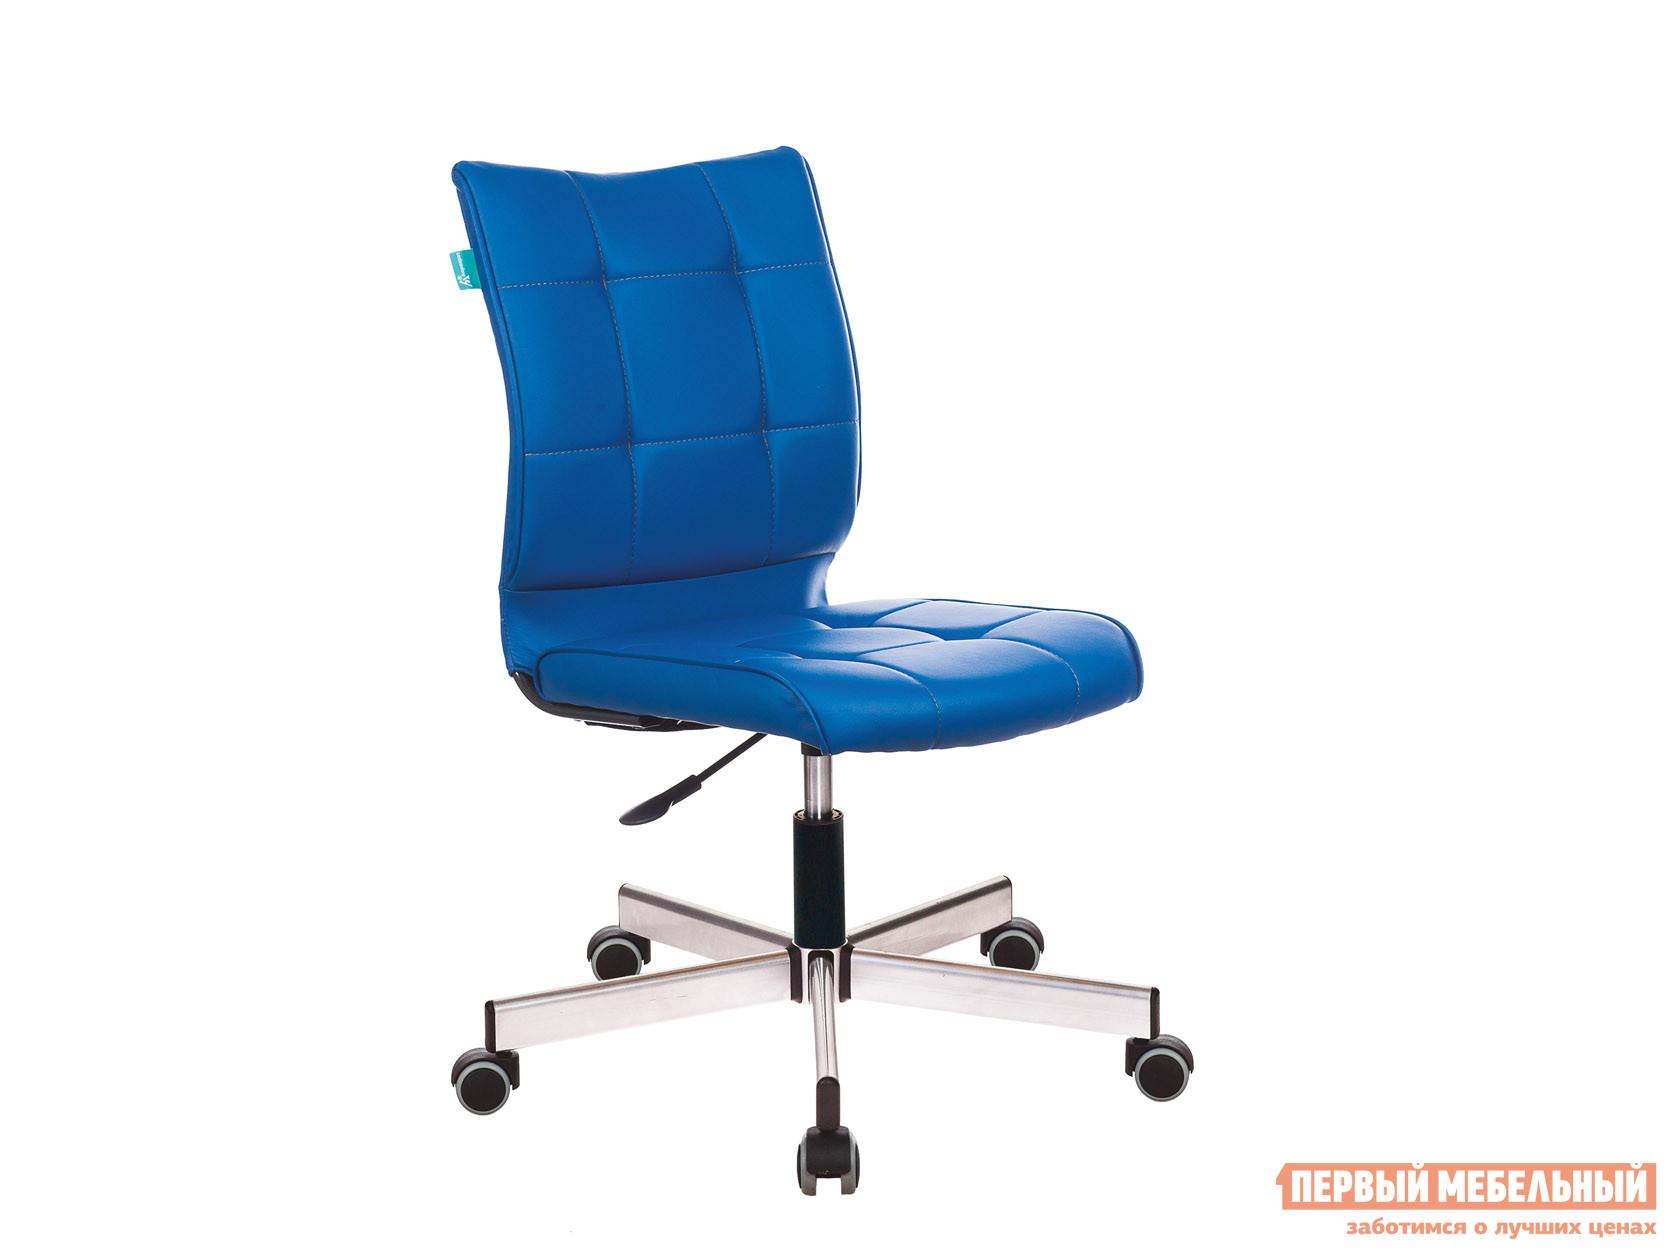 Офисное кресло  CH-330M Синяя иск. кожа OR-03 Бюрократ 95393